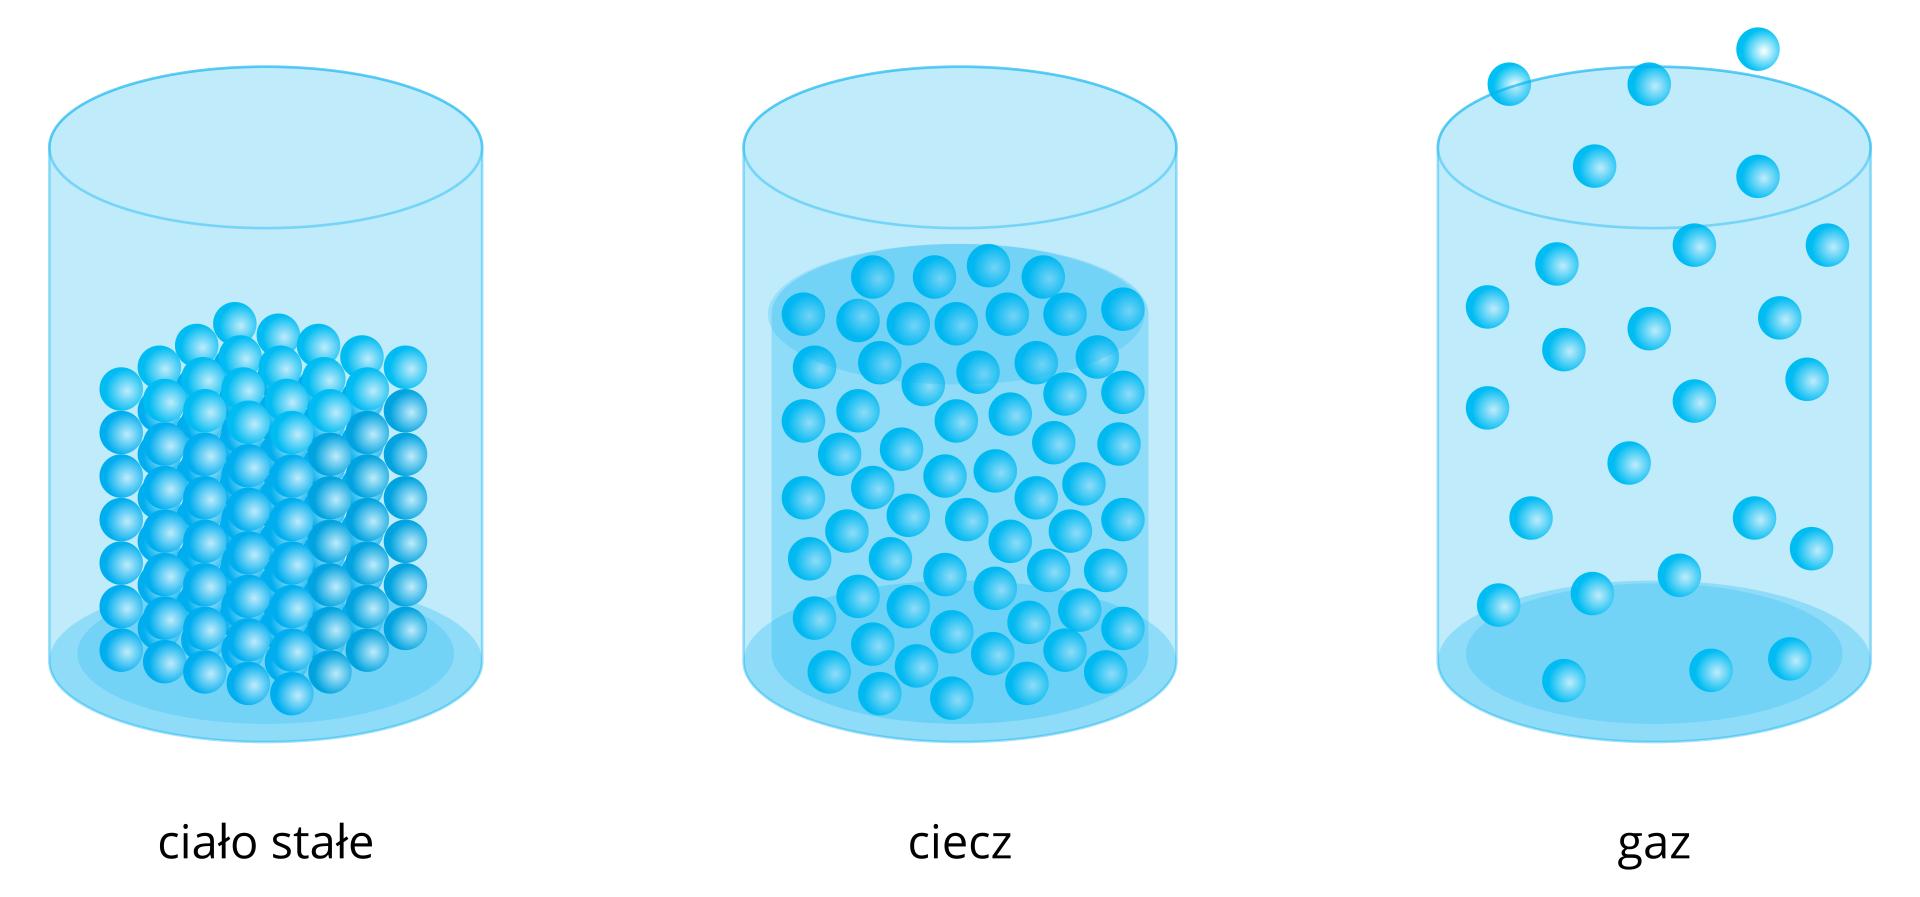 Ilustracja zawiera trzy rysunki przedstawiające przezroczyste pojemniki wkształcie walców otwarte od góry. Wpierwszym od lewej, podpisanym ciało stałe znajduje się sześcian złożony zciasno ściśniętych obok siebie kulek. Środkowy walec, podpisany ciecz zawiera płyn, wktórym te same kulki ilustrujące cząsteczki ułożone są luźniej, ale nadal wpewnym skupieniu. Wyraźnie zaznaczona jest też powierzchnia płynu. Wprawym naczyniu wkształcie walca podpisanym gaz kulki znajdują się swobodnie, awidoczne przy kulkach czerwone strzałki skierowane wróżne strony informują, że ruch cząstek odbywa się we wszystkie strony. Kilka kulek znajduje się już poza naczyniem.